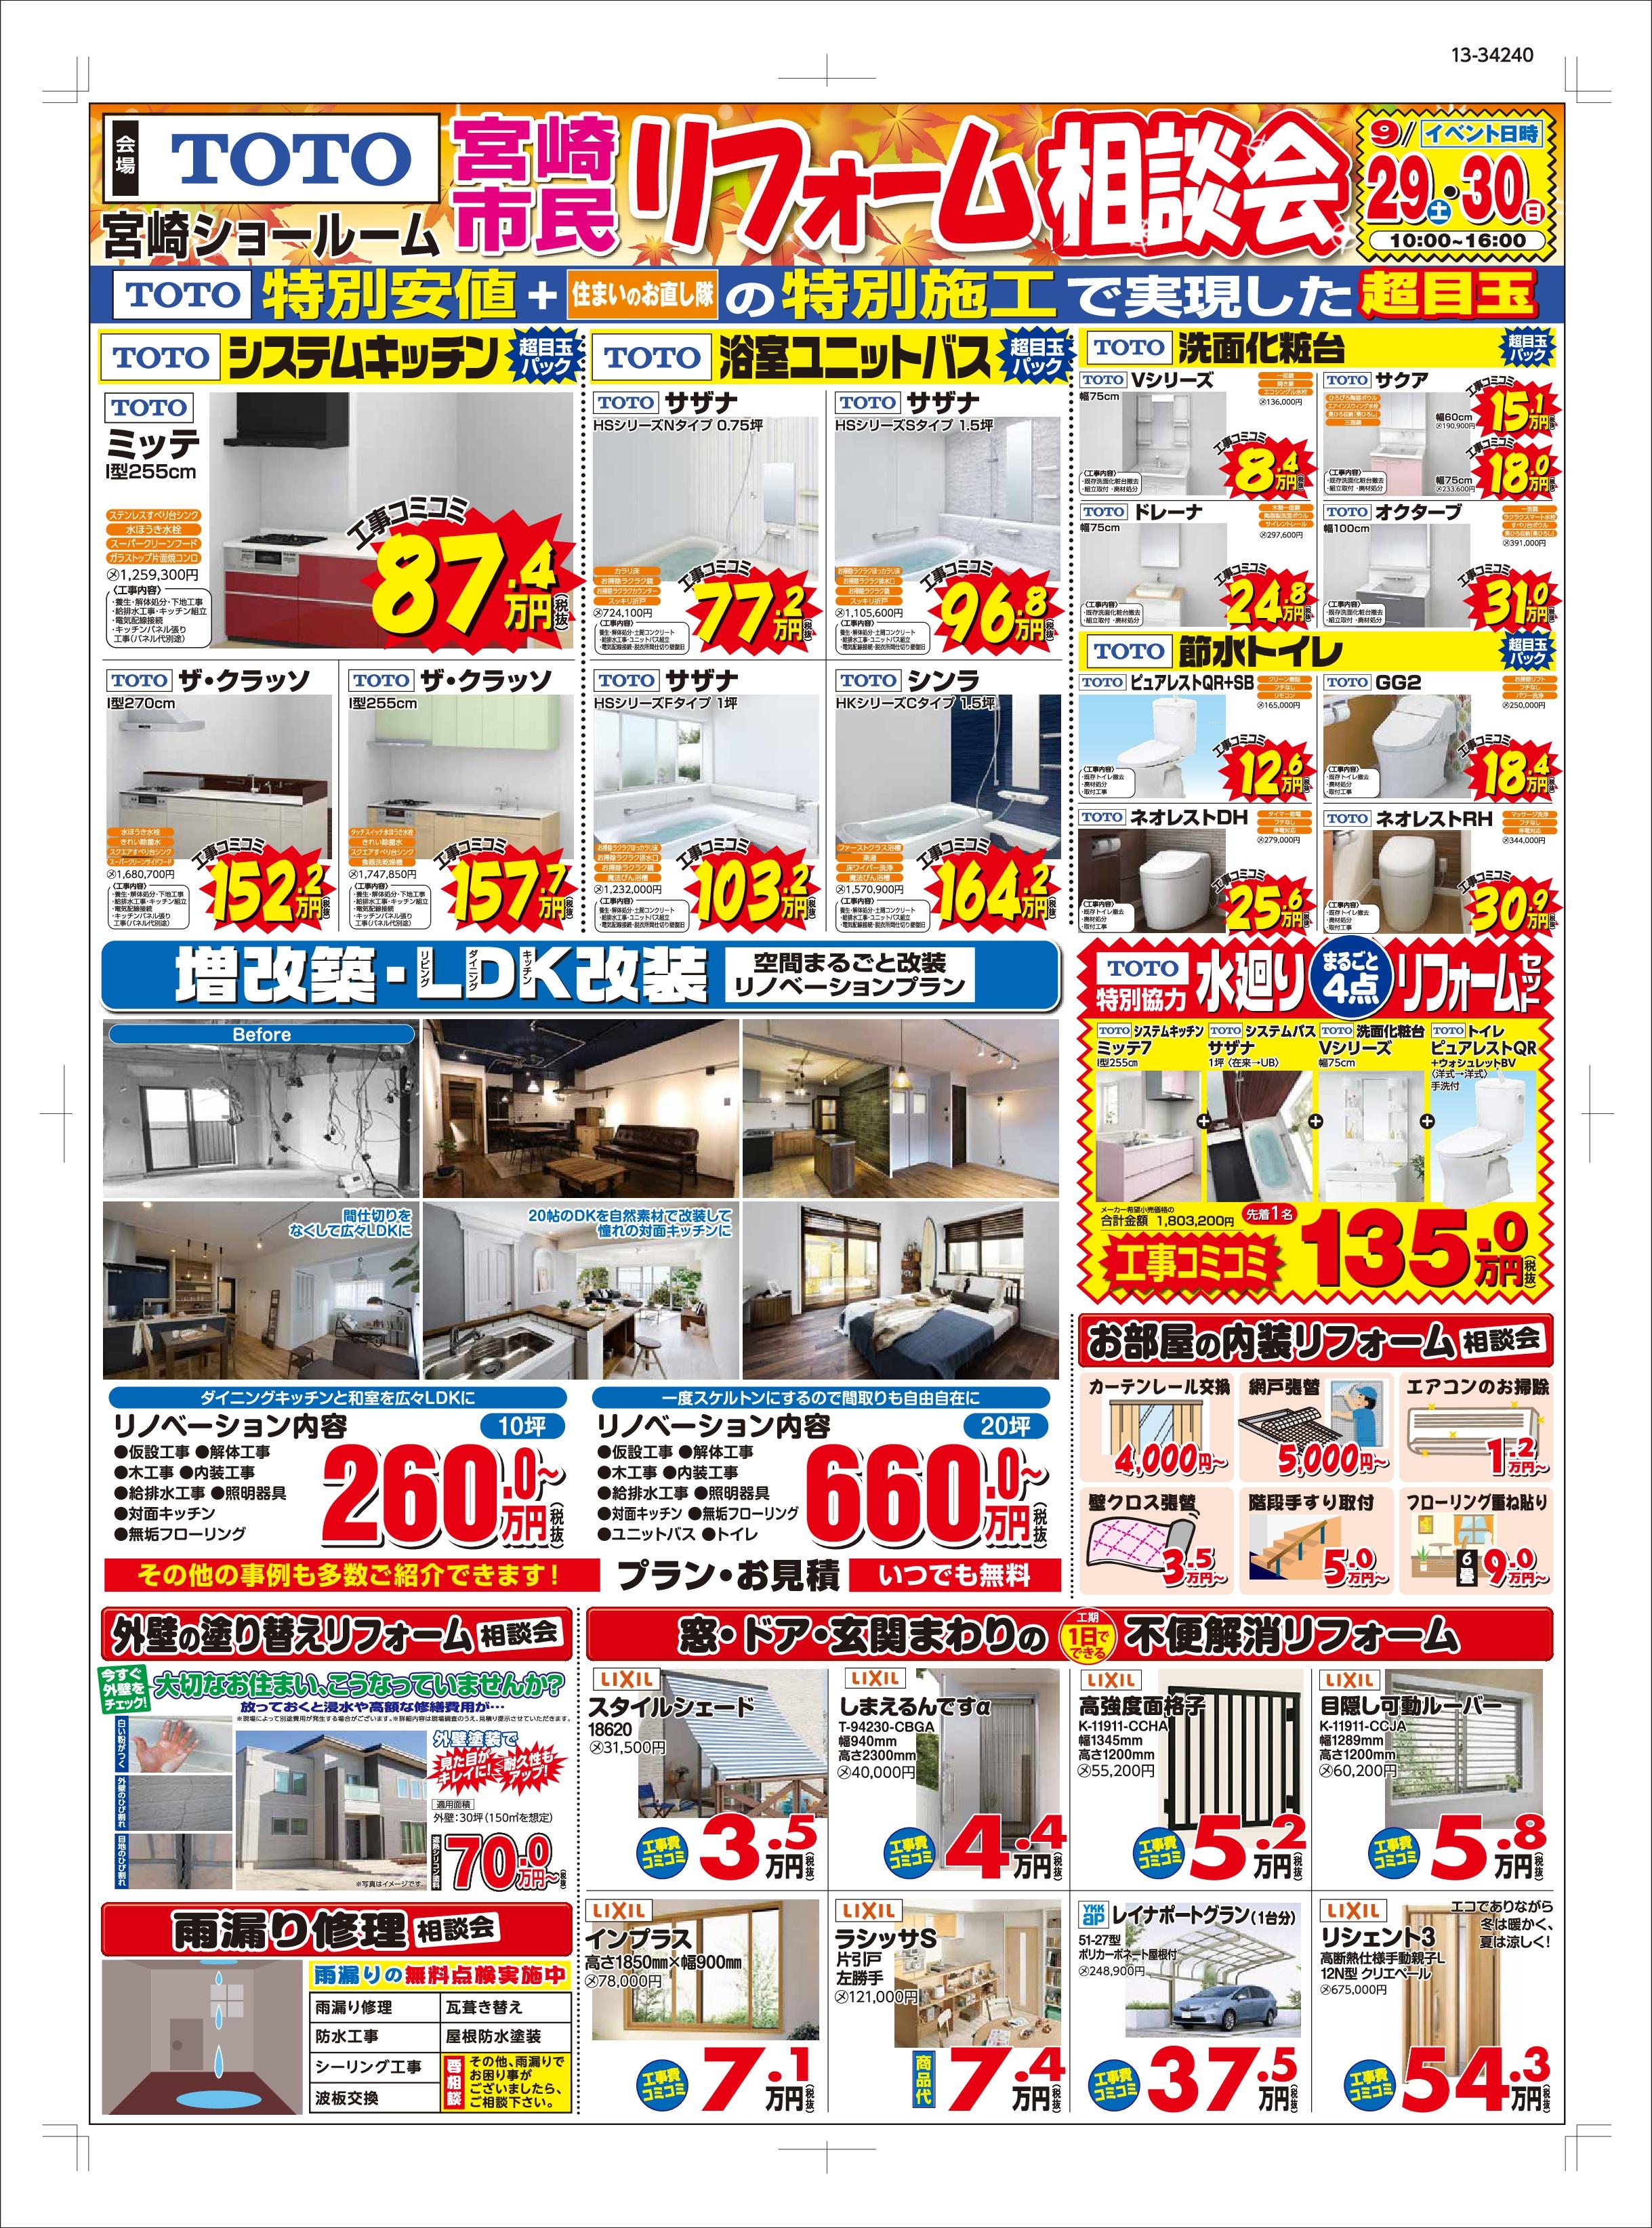 9/29(土)、30(日)限定!リフォーム大感謝祭!!